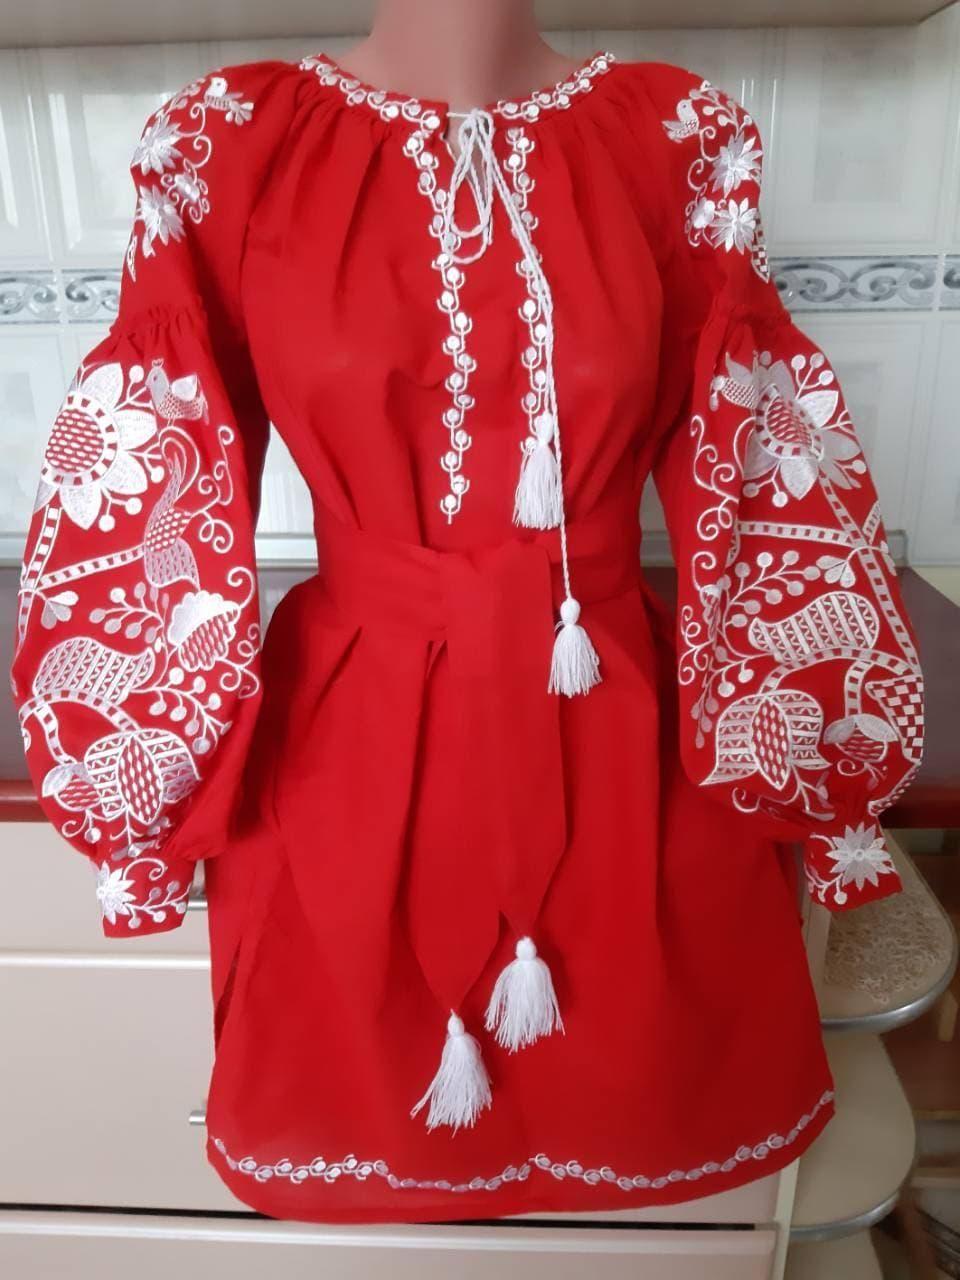 f33c9d464ebdf3 Хіт продаж!!! Сучасне вишите плаття | Сучасна вишиванка https ...